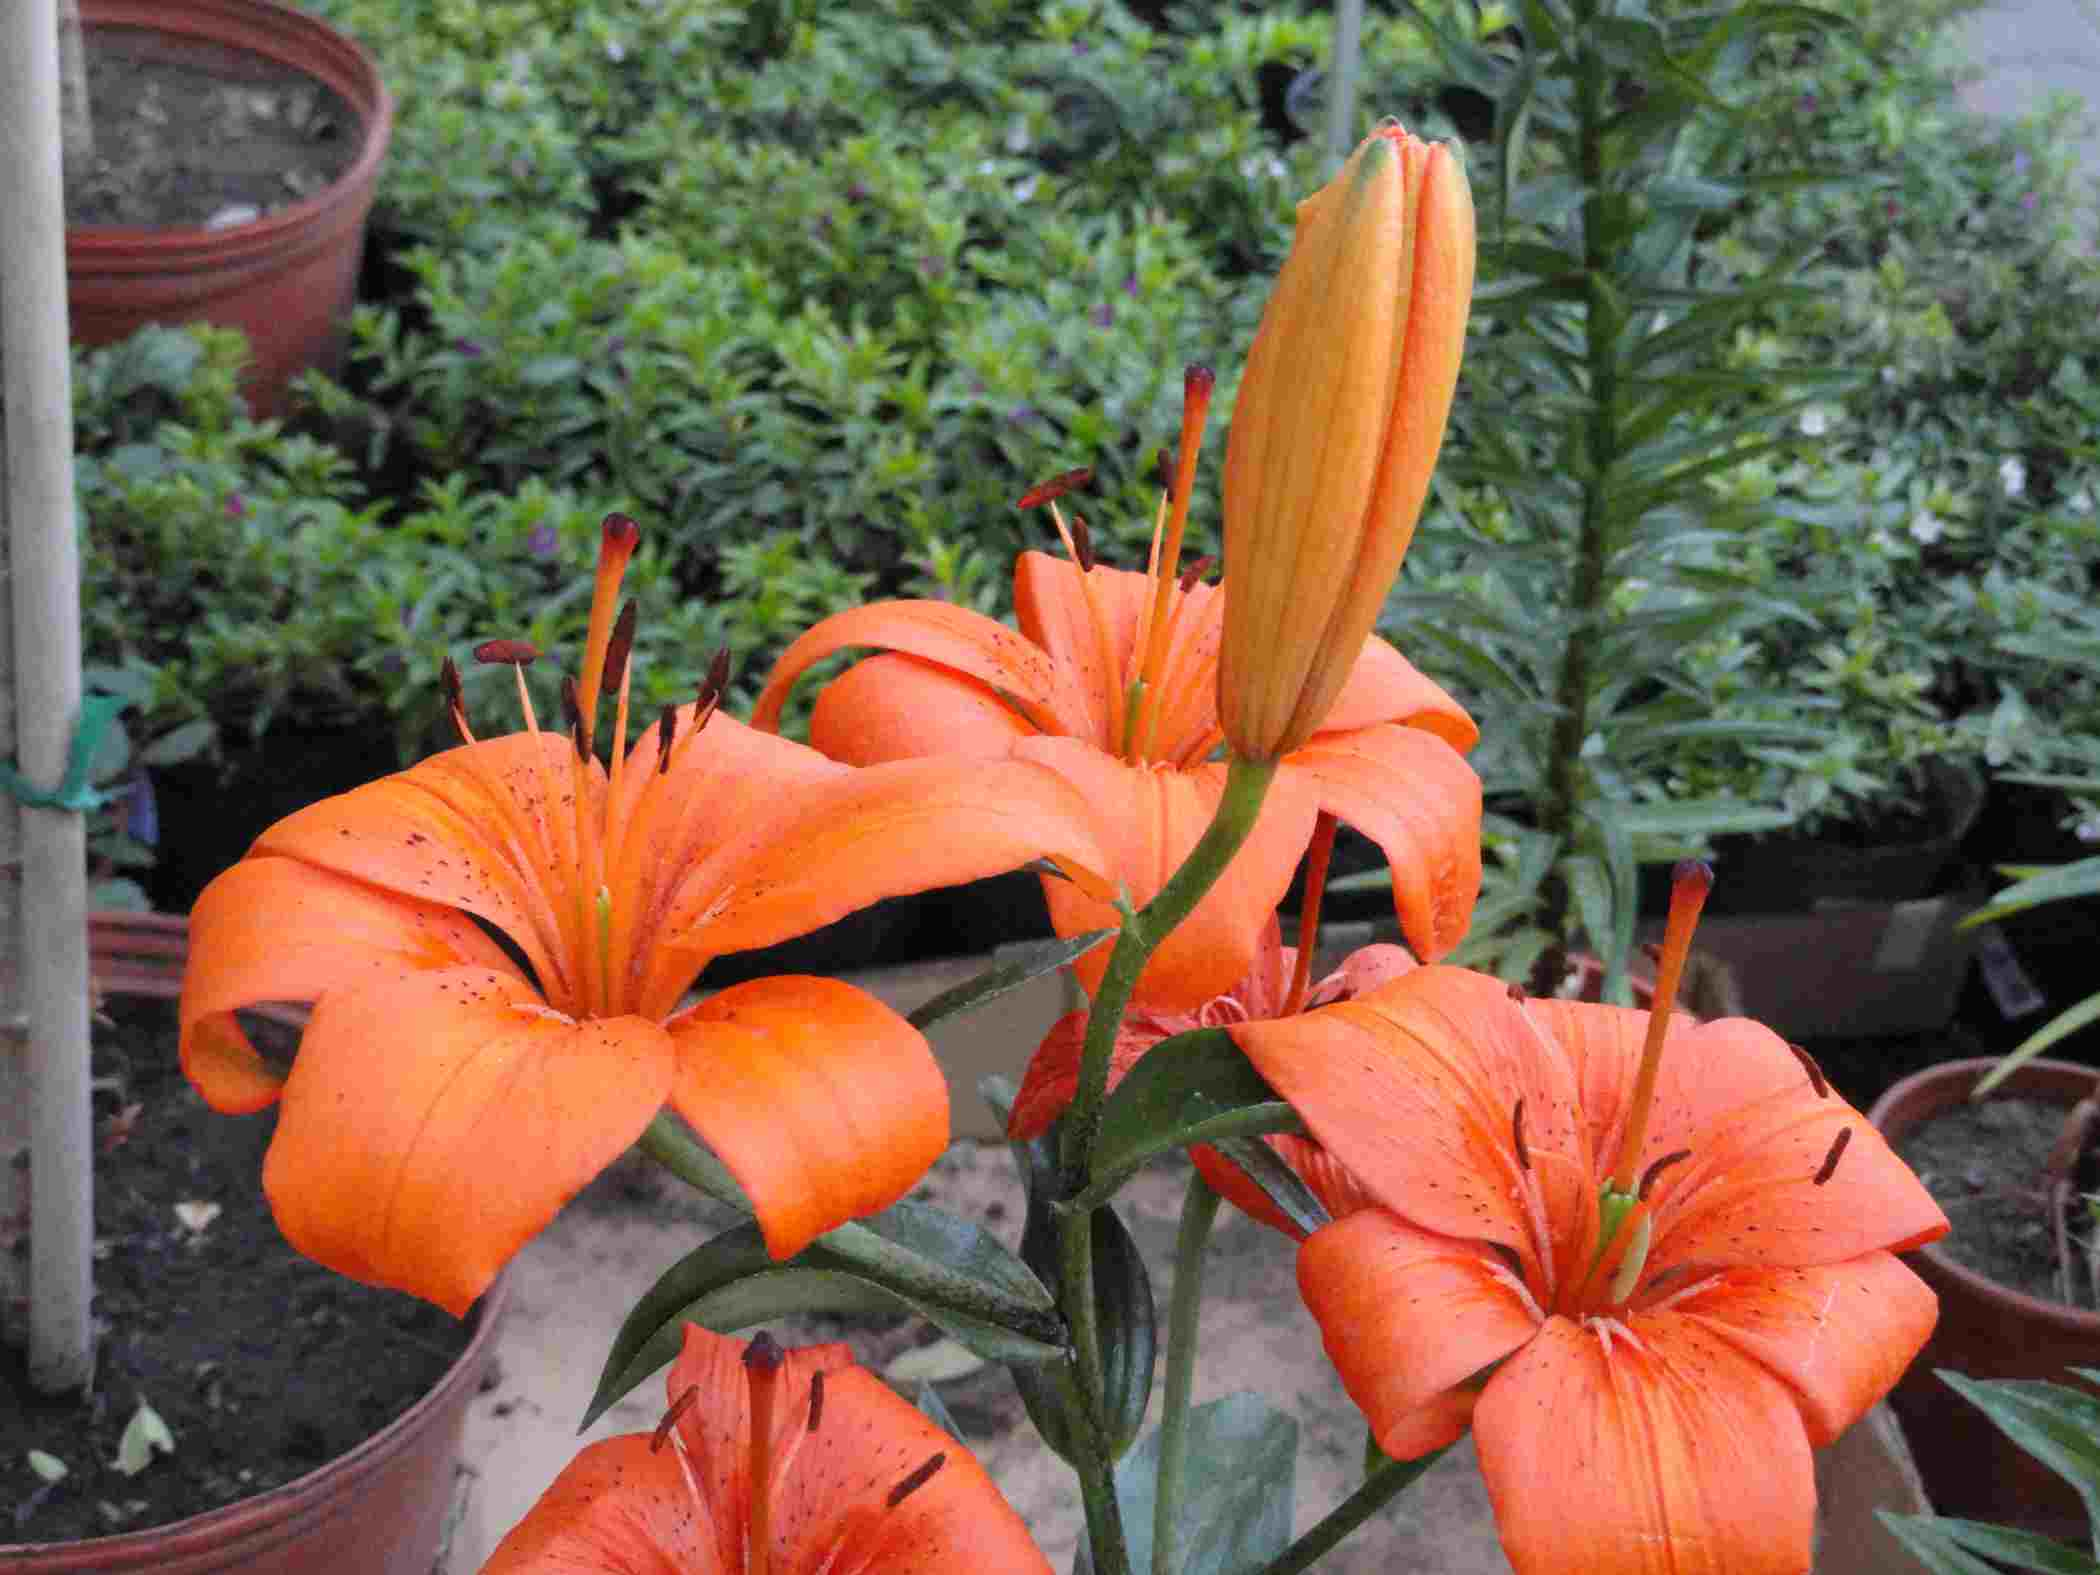 Jardin de flores el jardin en casa for Plantas exoticas para jardin